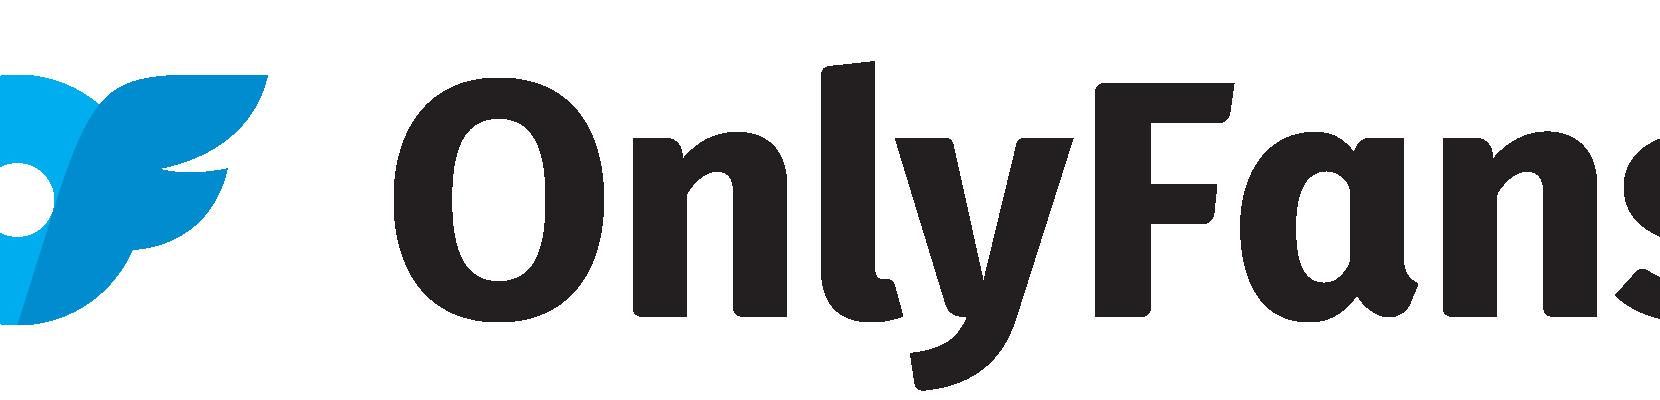 """El sitio web OnlyFans anunció que prohibirá el contenido """"sexualmente explícito"""" a partir de octubre de 2021."""